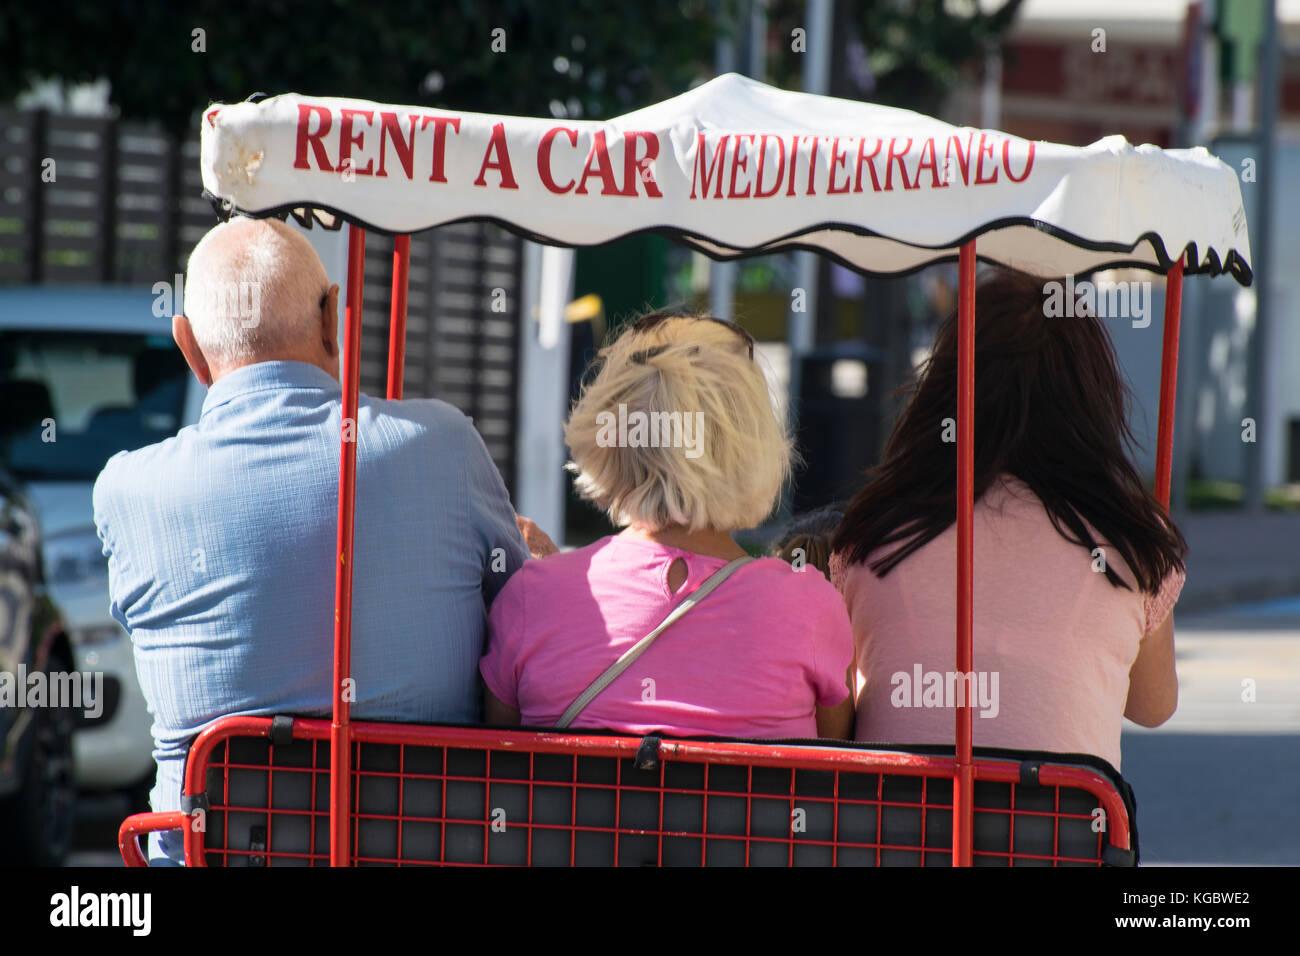 La conduite de la famille une voiture à pédale, Mallorca, Espagne Banque D'Images